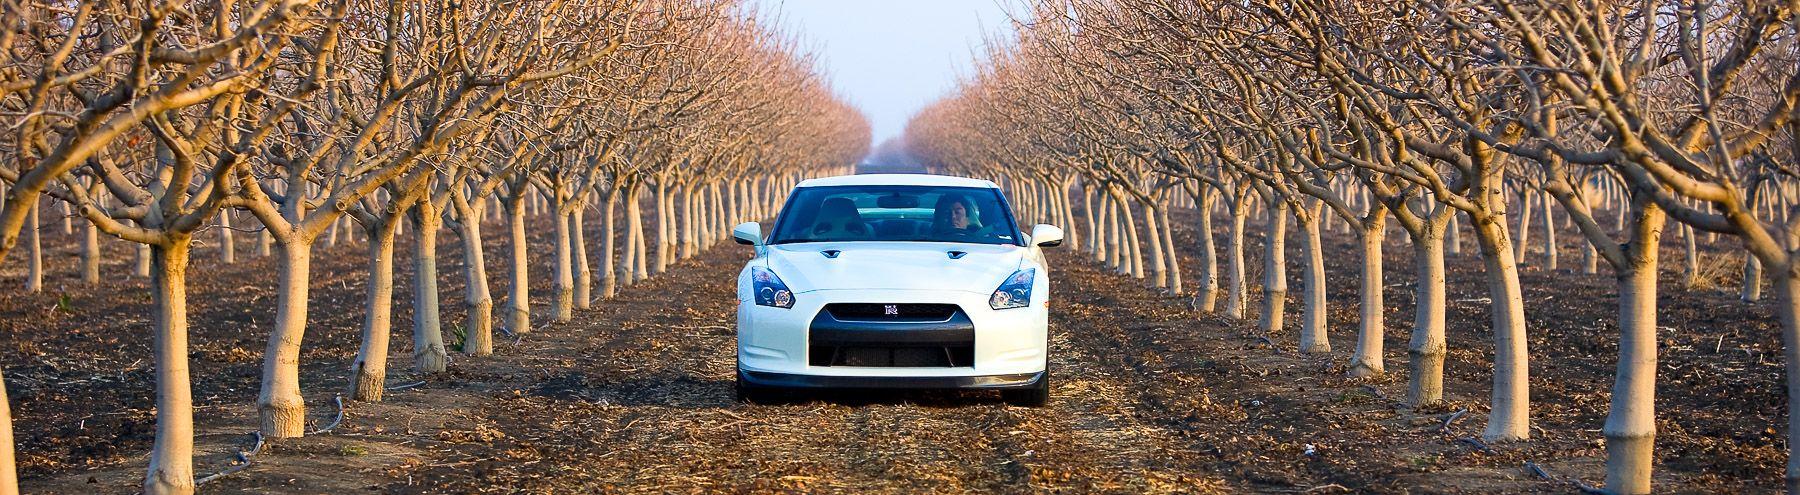 Nissan GTR for R&T